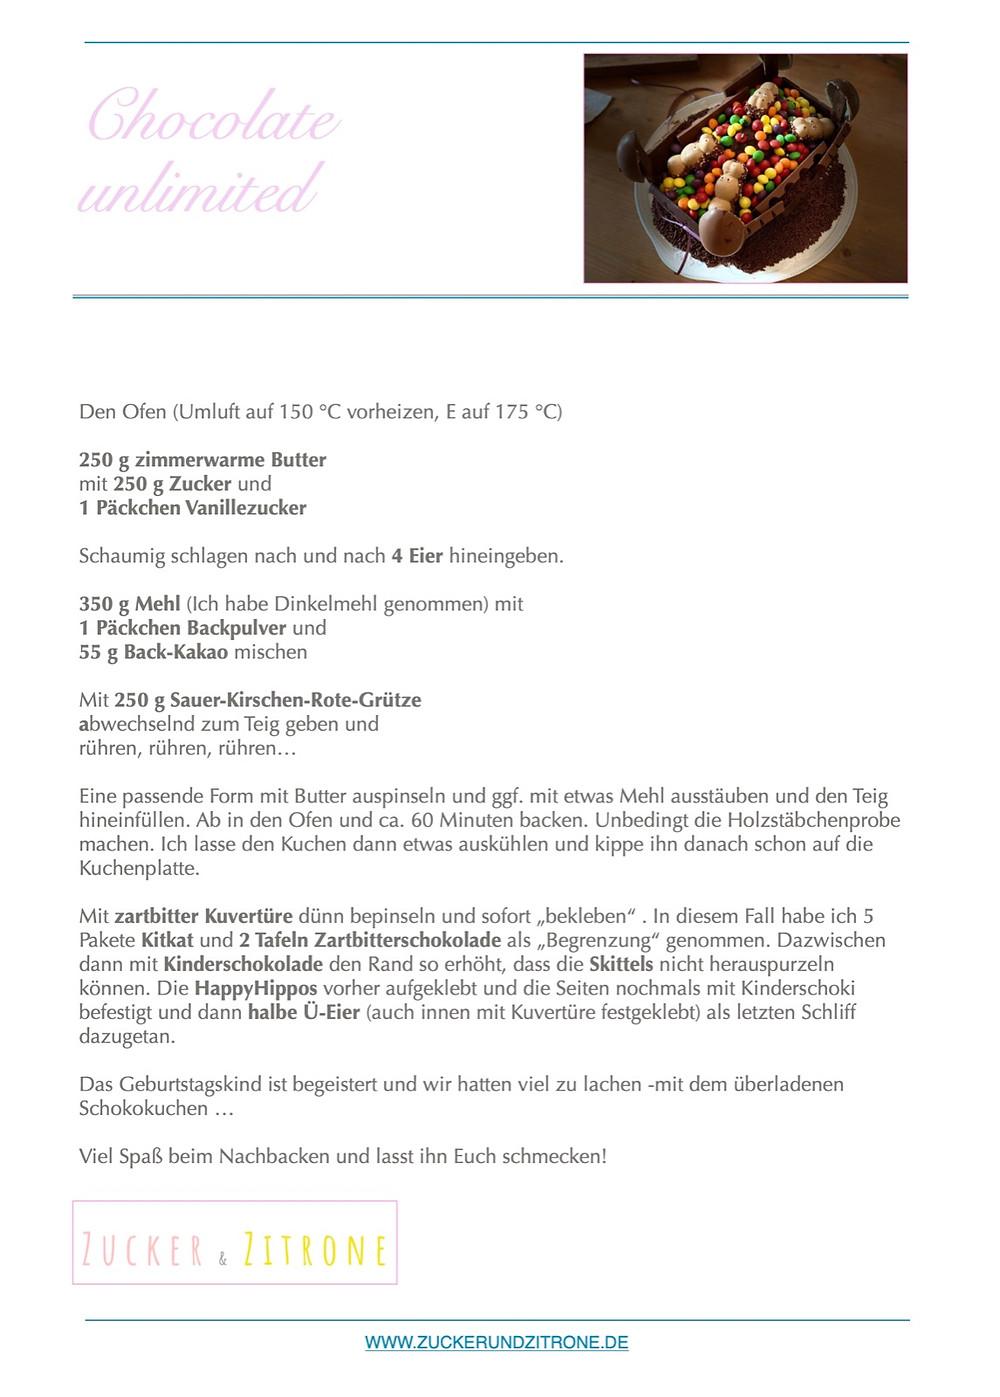 Das Rezept für den leckeren Schokoladenkuchen